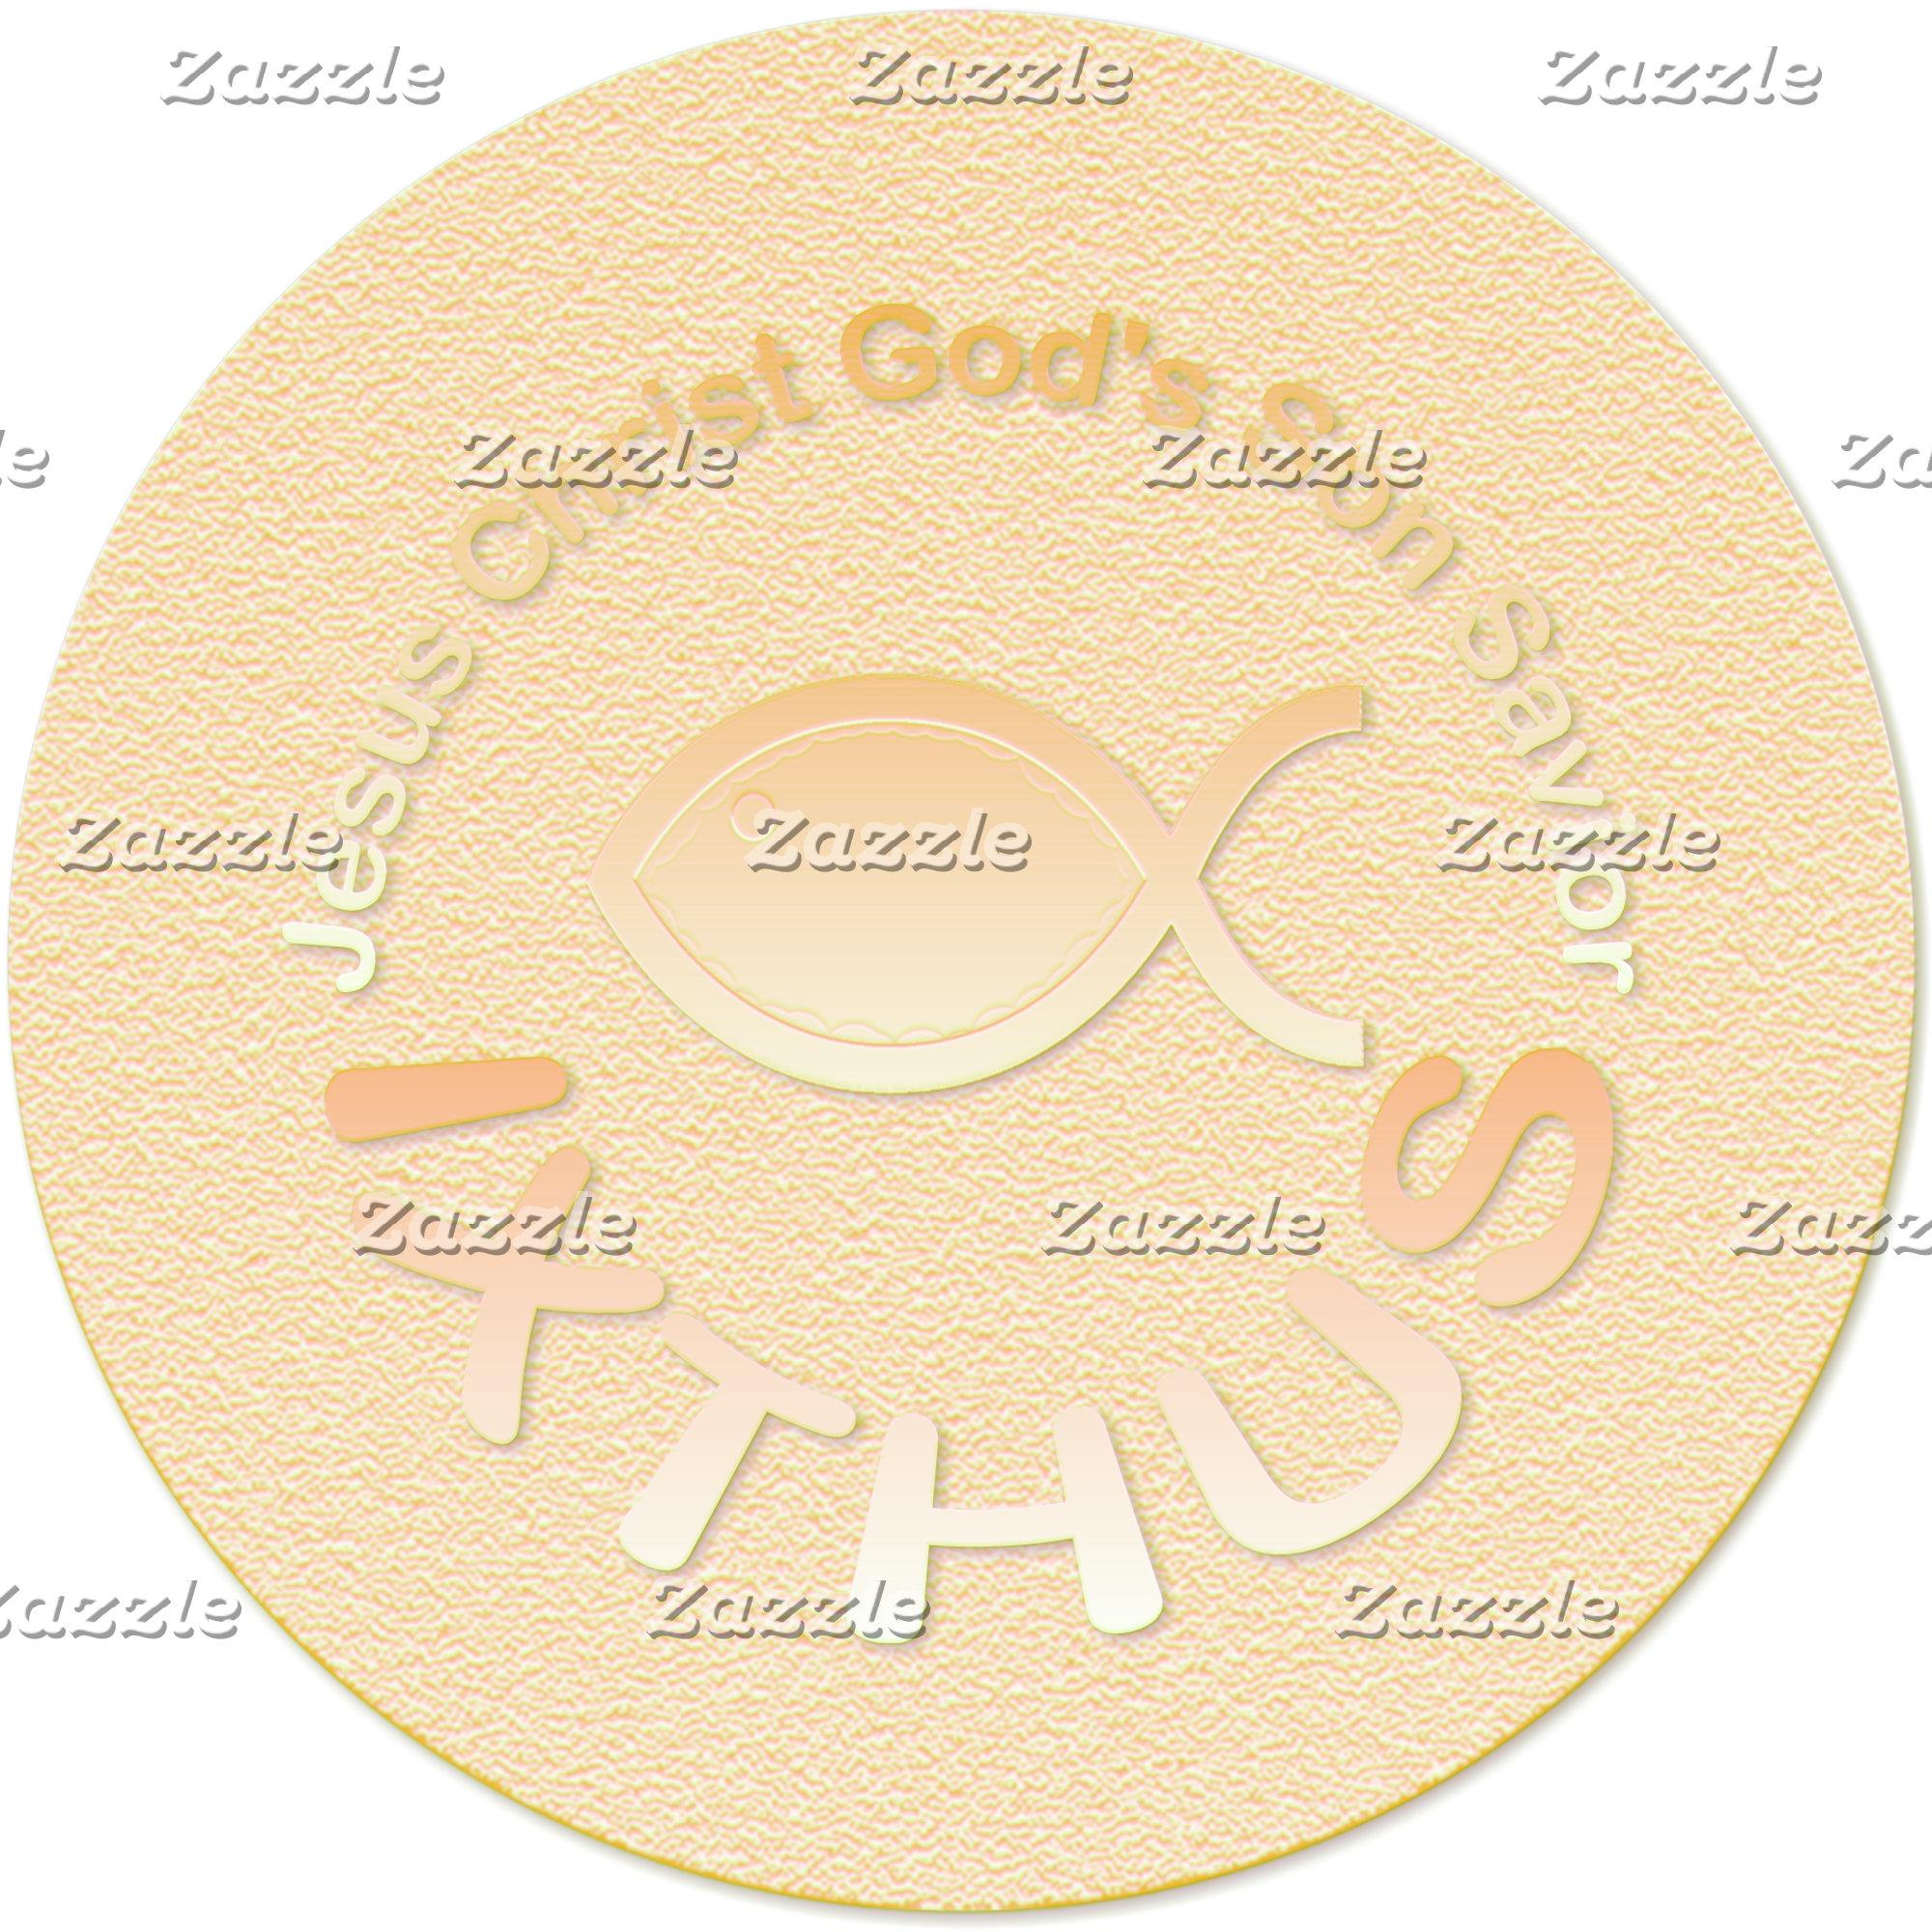 IXTHUS Christian Fish Symbol - Circular (Metallic)